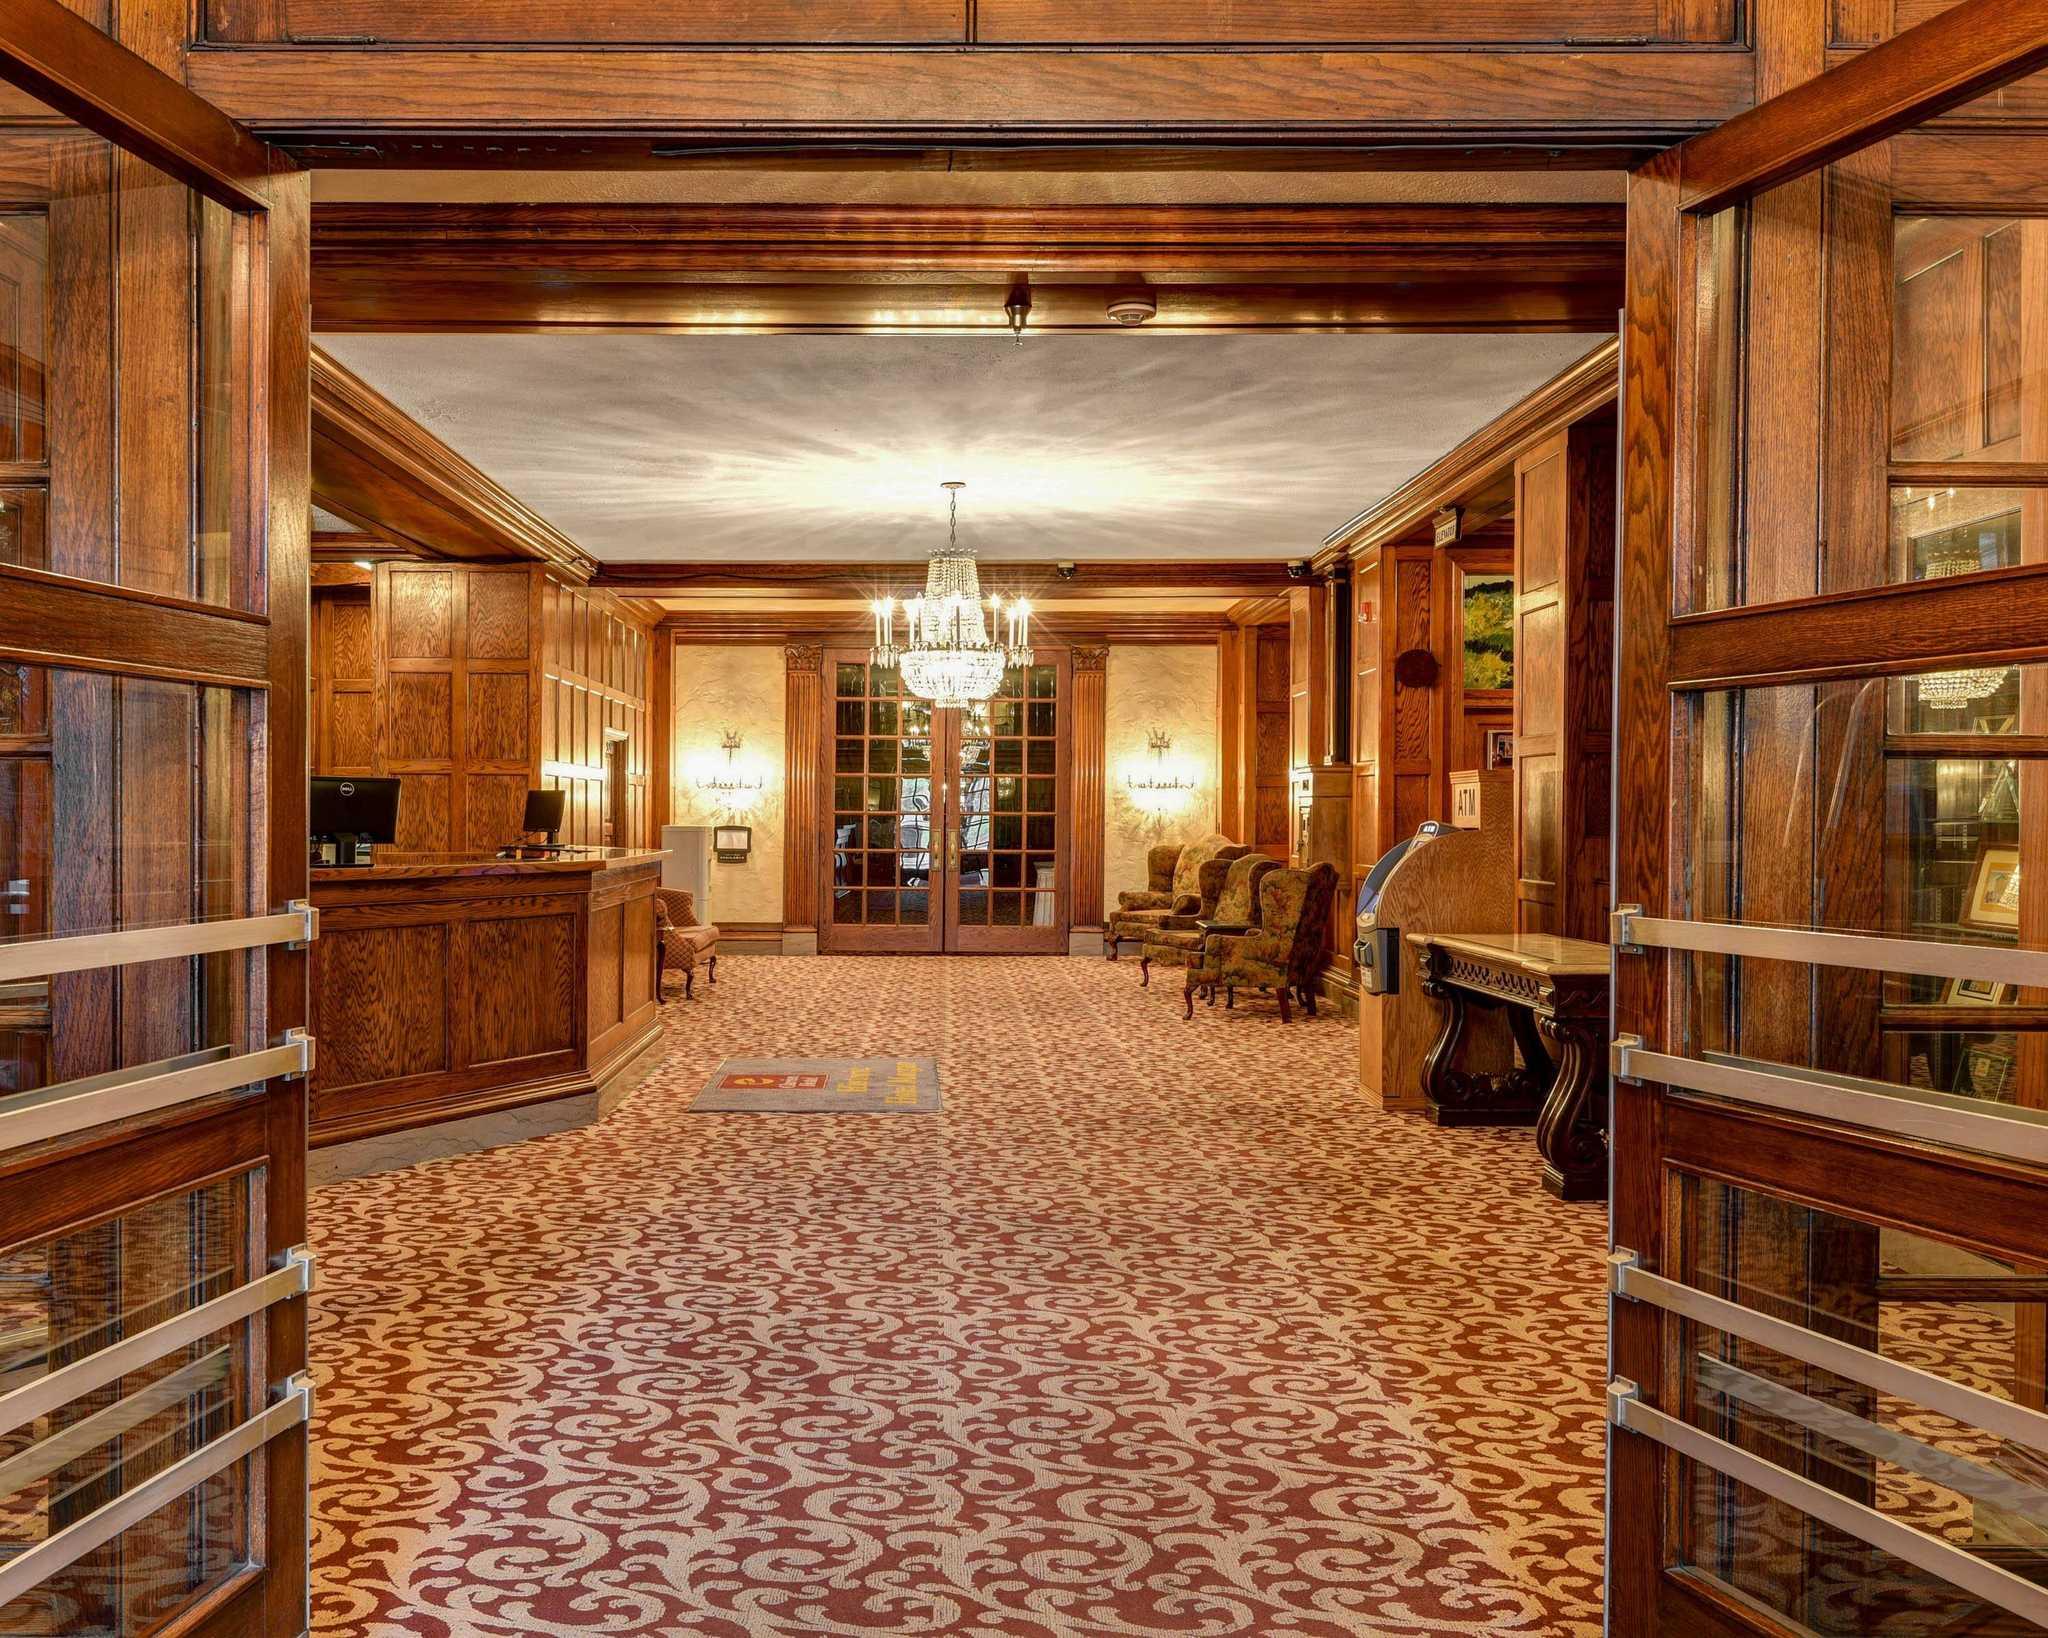 clarion hotel morgan morgantown west virginia wv. Black Bedroom Furniture Sets. Home Design Ideas